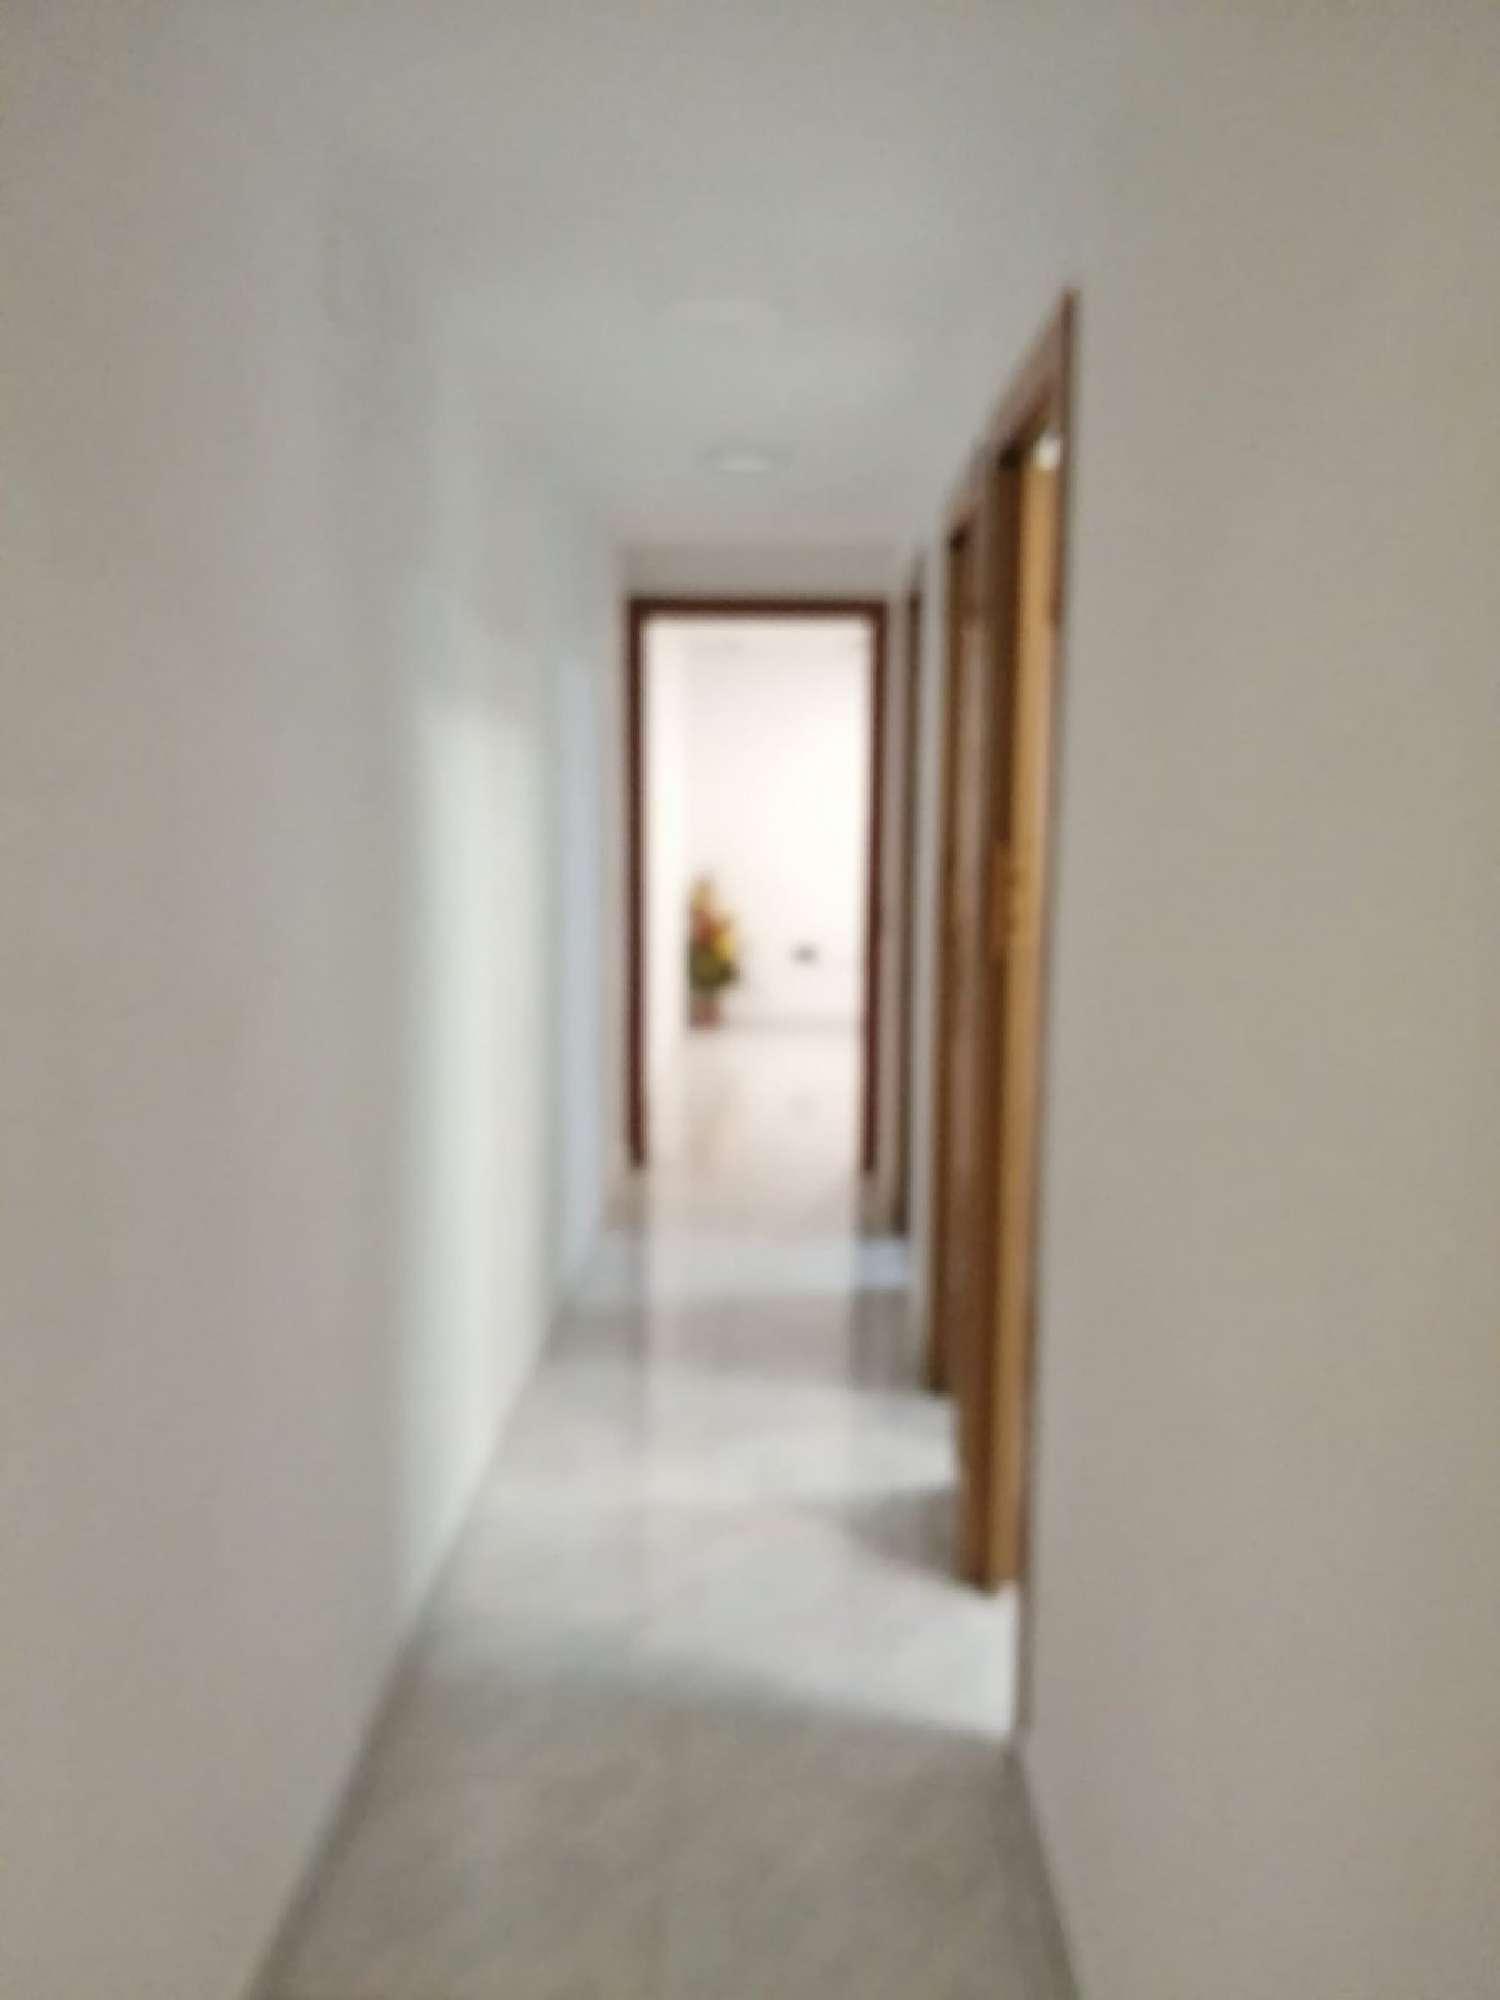 eixample-dreta de l'eixample 08037 barcelona piso foto 4349305